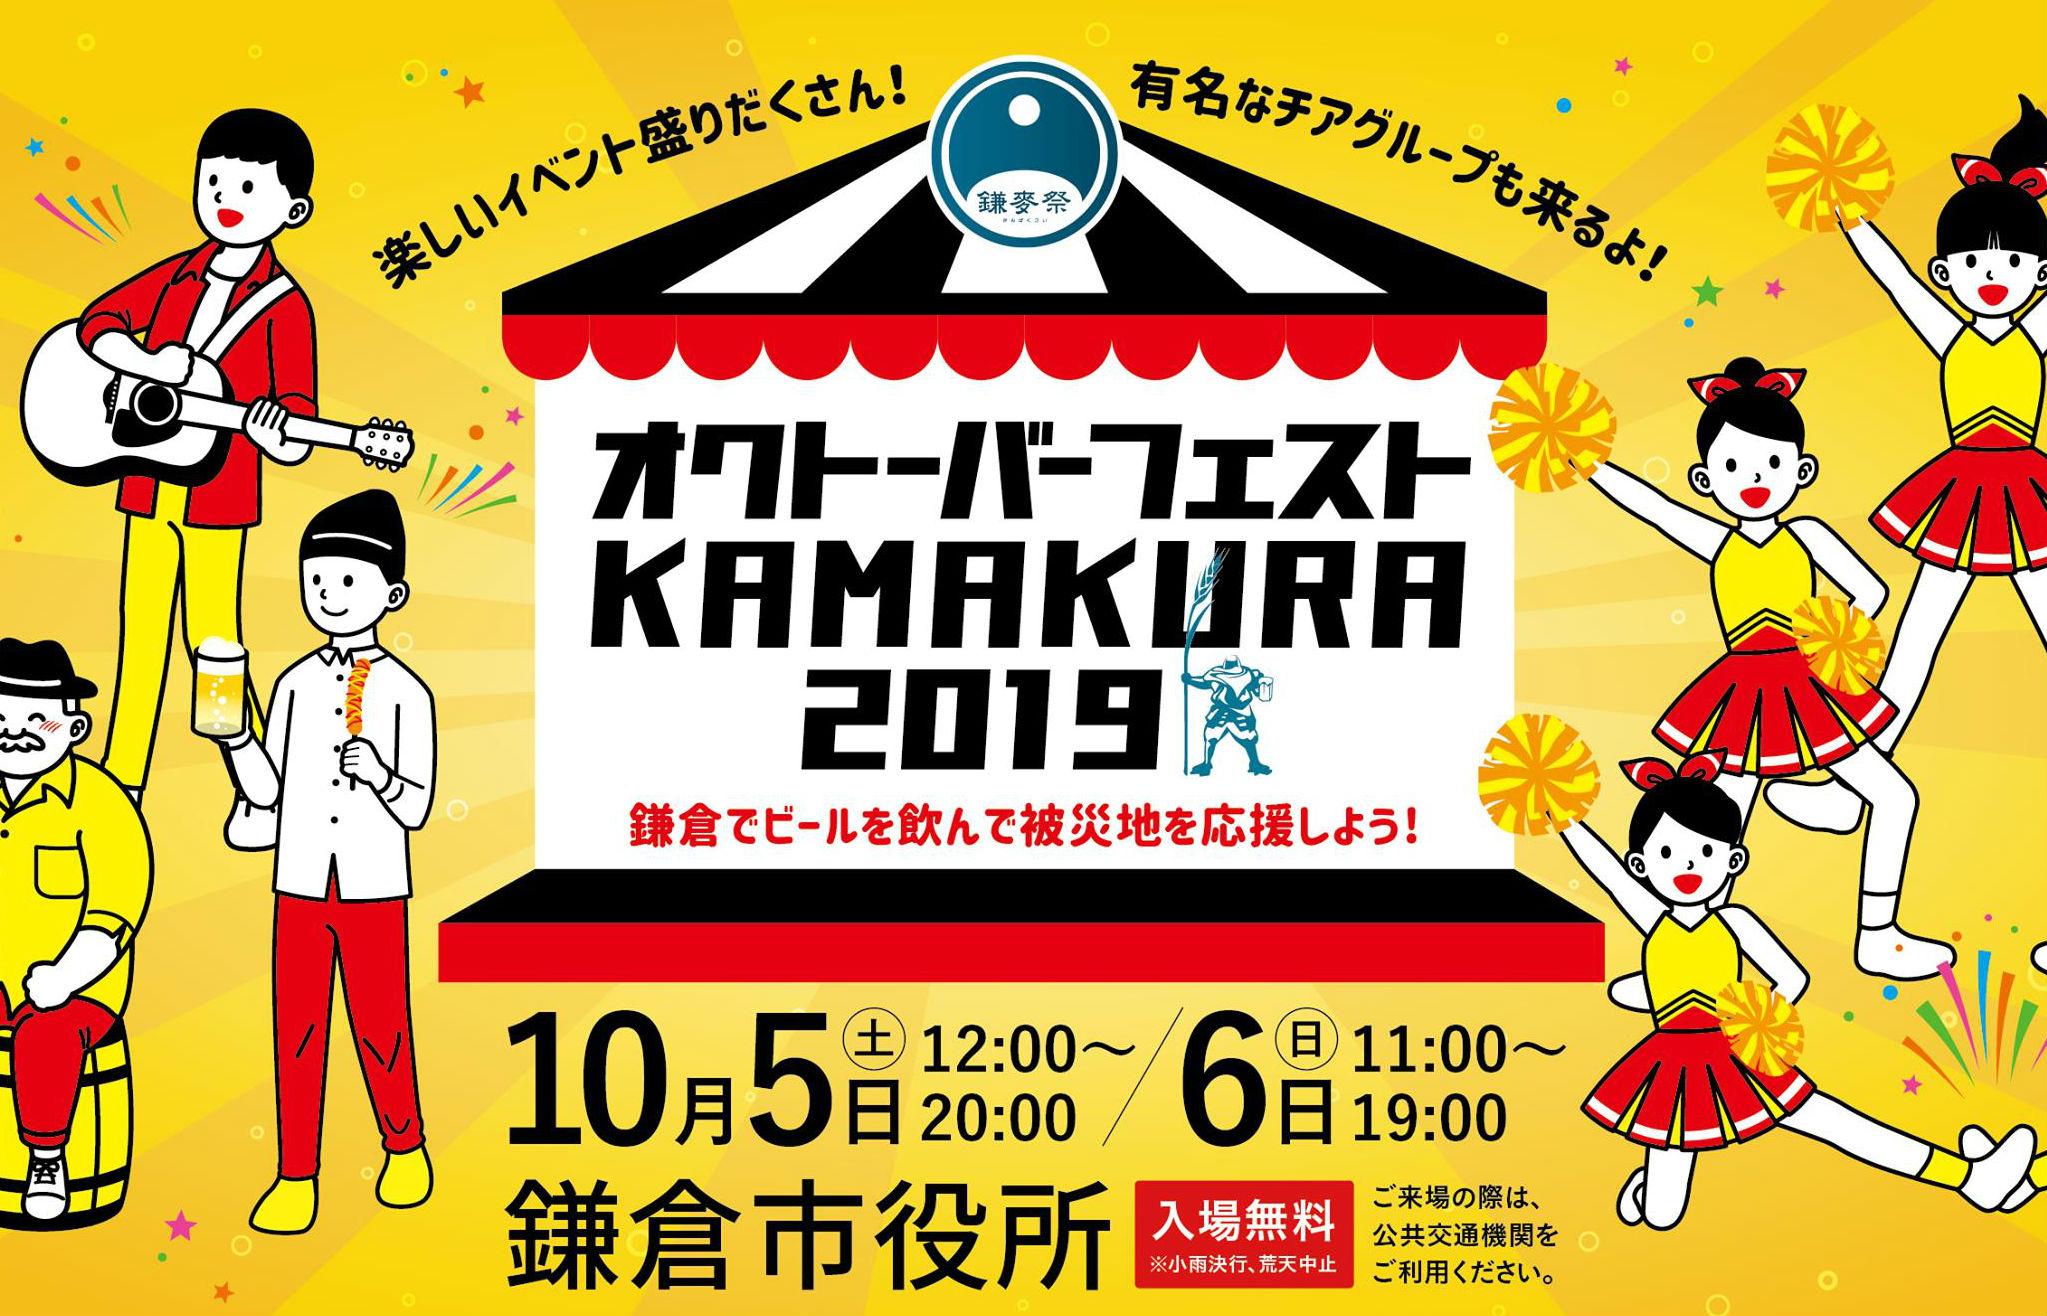 【鎌倉市】オクトバーフェストKAMAKURA2019